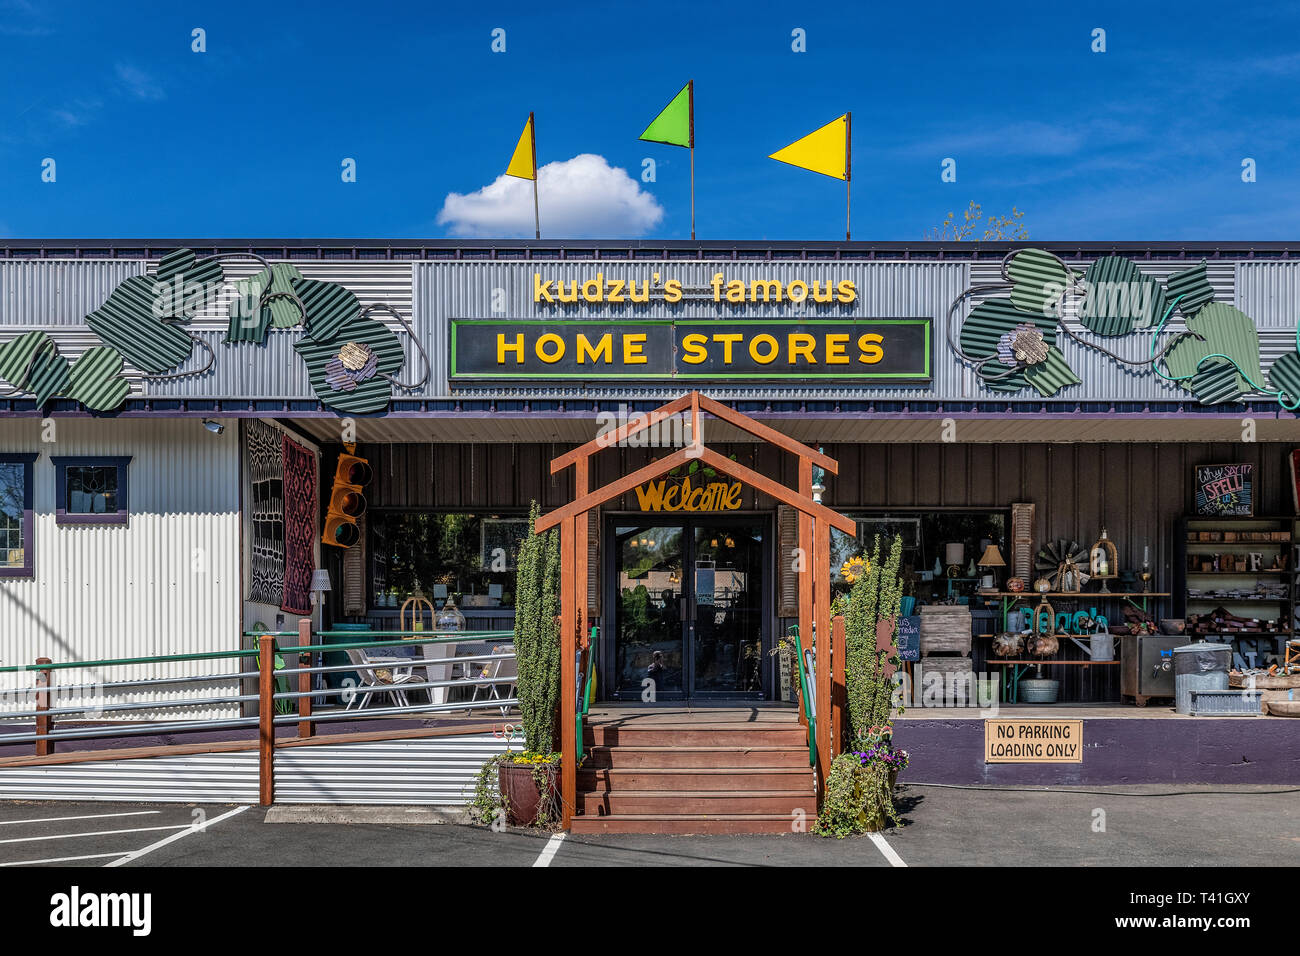 Kudzu's Famous Home Stores, Atlanta, Georgia, USA. - Stock Image